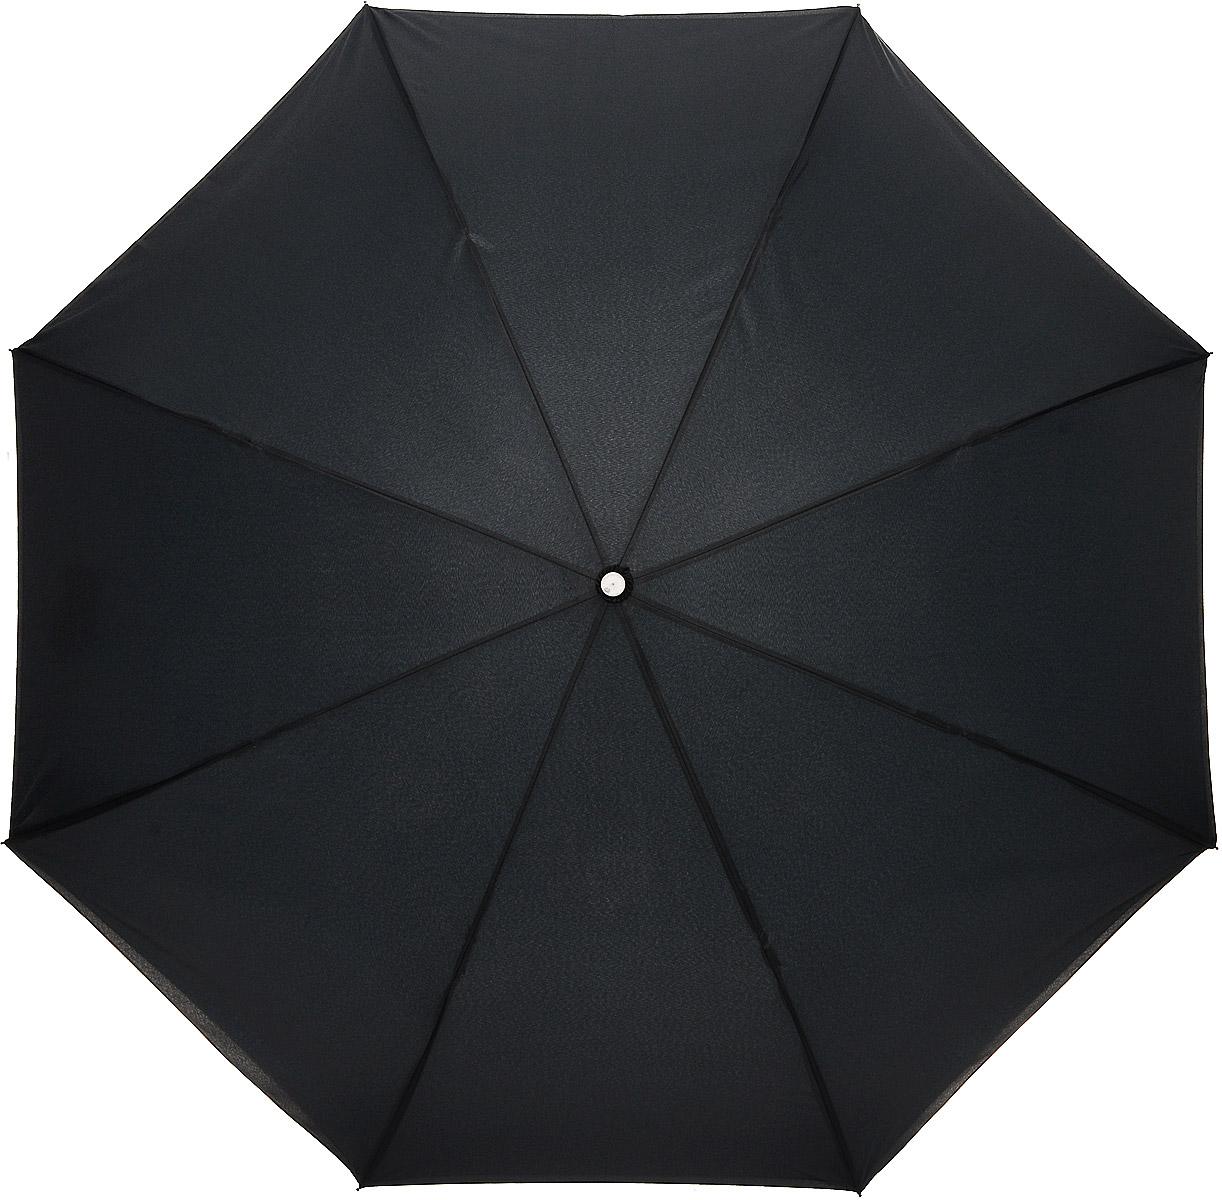 Зонт-трость женский Vera Victoria Vito, механика, цвет: черный, красный. 20-701-320-701-3Оригинальный зонт-трость Vera Victoria Vito надежно защитит вас от дождя. Купол выполнен из полиэстера, который не пропускает воду. Внутренняя поверхность зонта оформлена декоративной перфорацией. Каркас зонта и спицы выполнены из высококачественного металла. Удобная ручка выполнена из пластика. Зонт имеет механический тип сложения: открывается и закрывается при нажатии на кнопку. Зонт складывается внутренней стороной наружу, избавляя владельца от контакта с мокрой поверхностью.